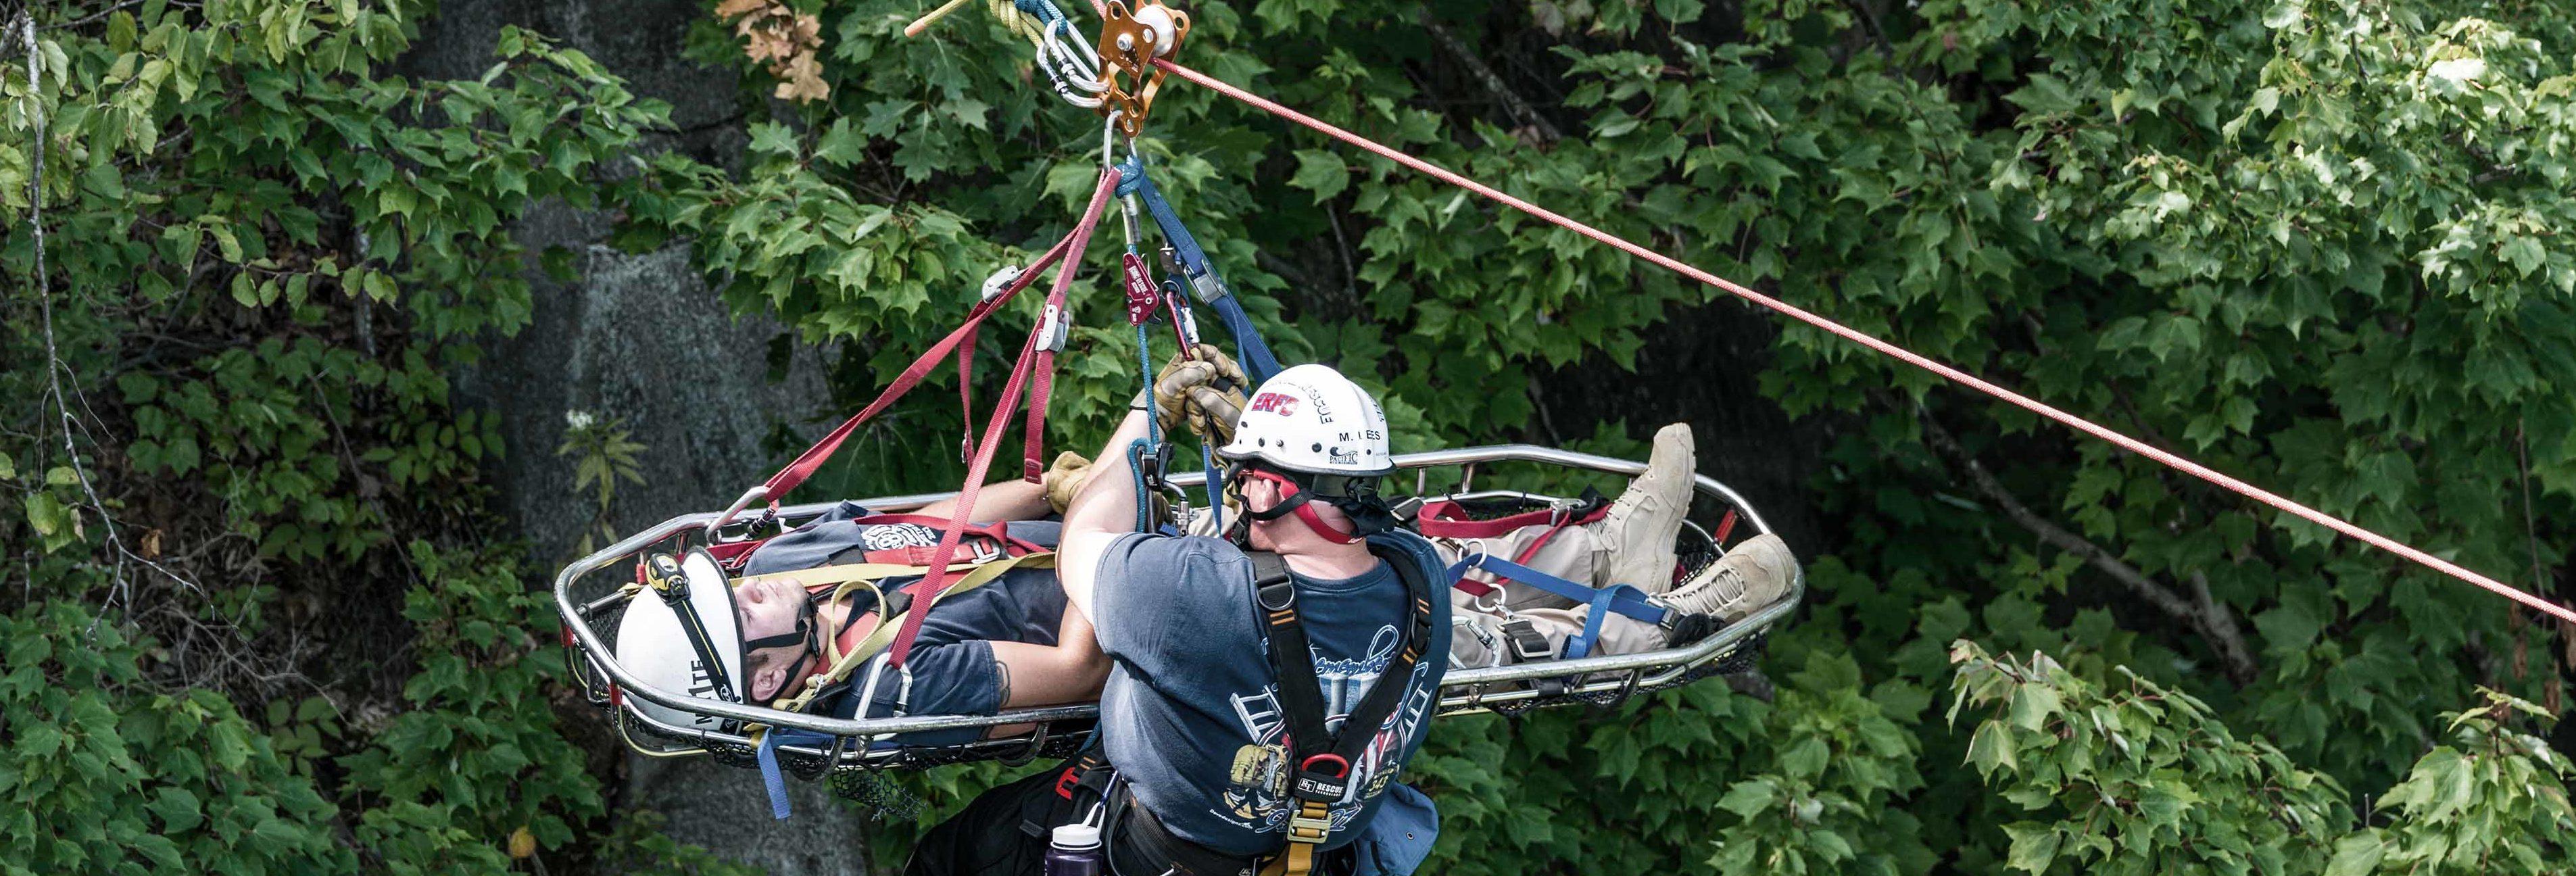 Rope Rescue Technician I/II   CMC PRO